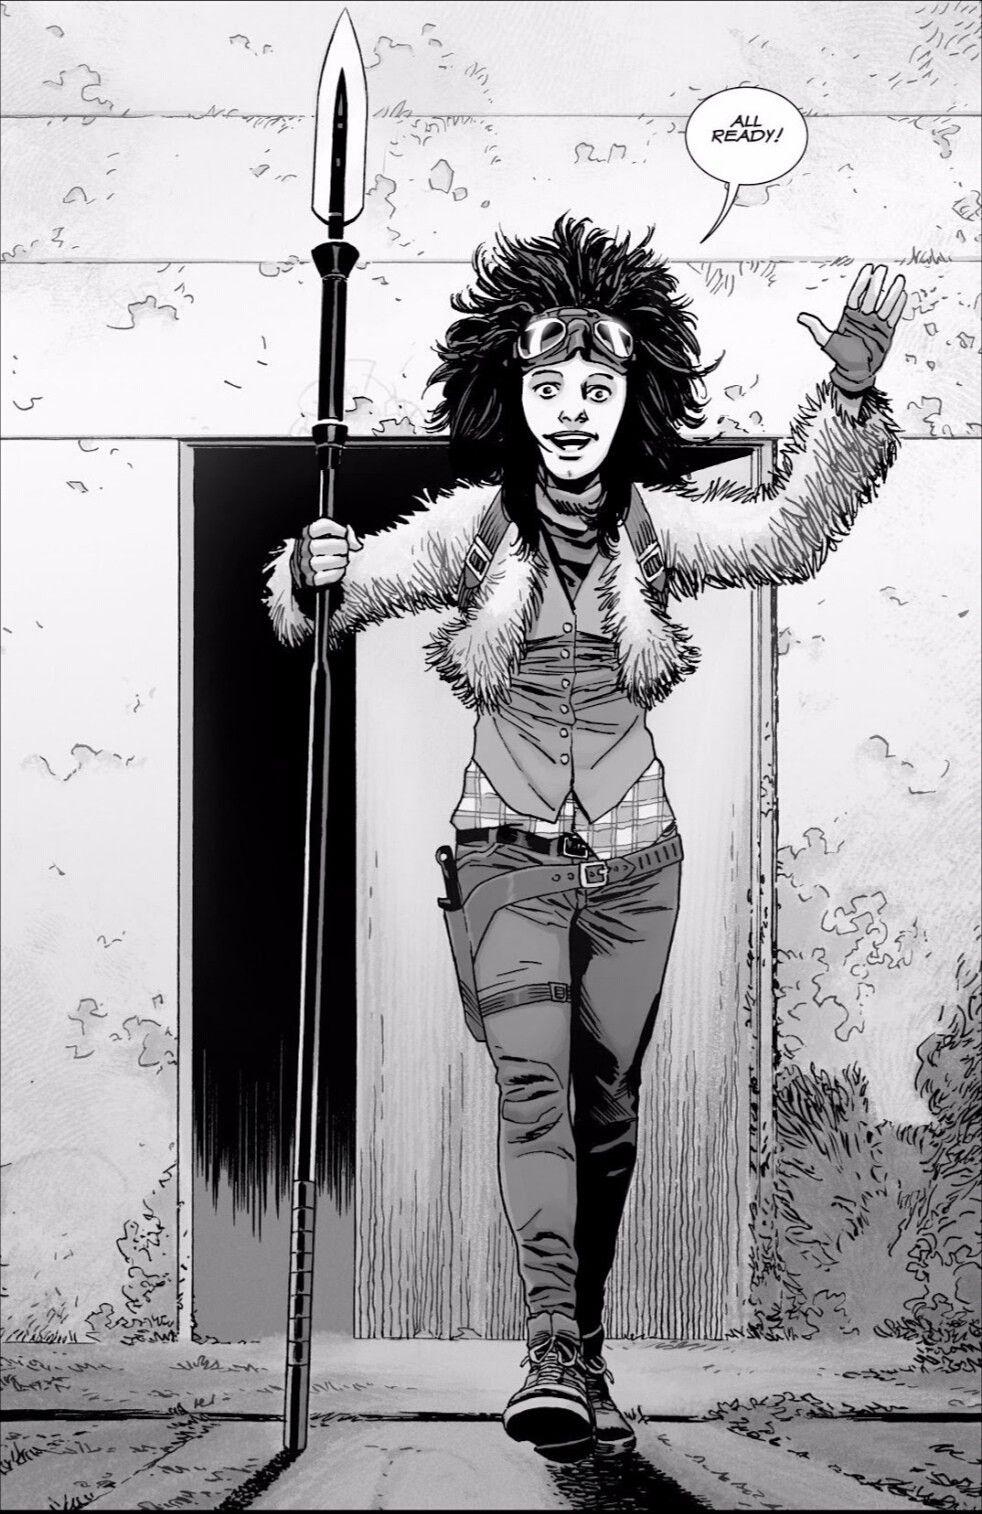 The Walking Dead Issue 140 Pdf